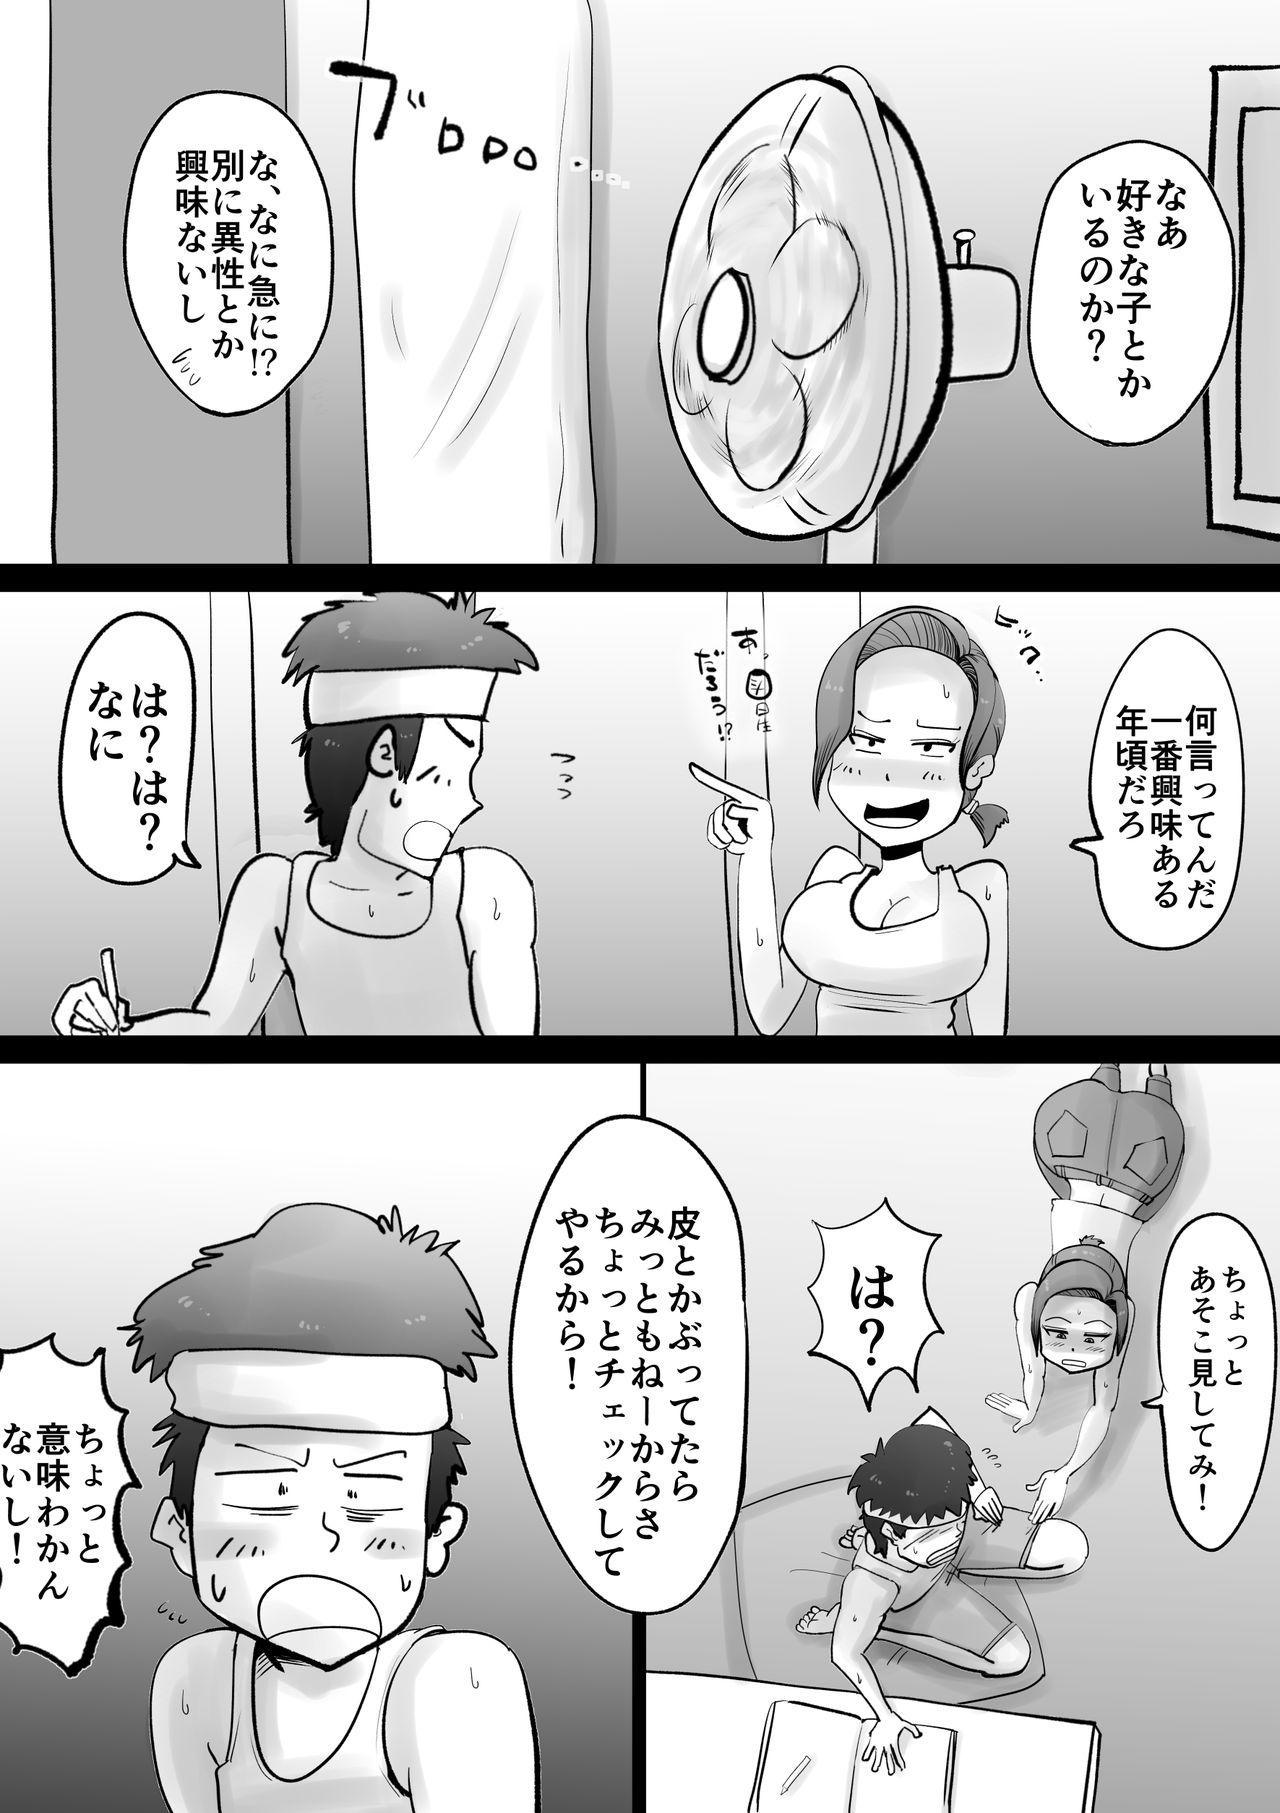 Warunori Shita Hahaoya ni Karuku Seishori ni Tsukawareru Hanashi 10